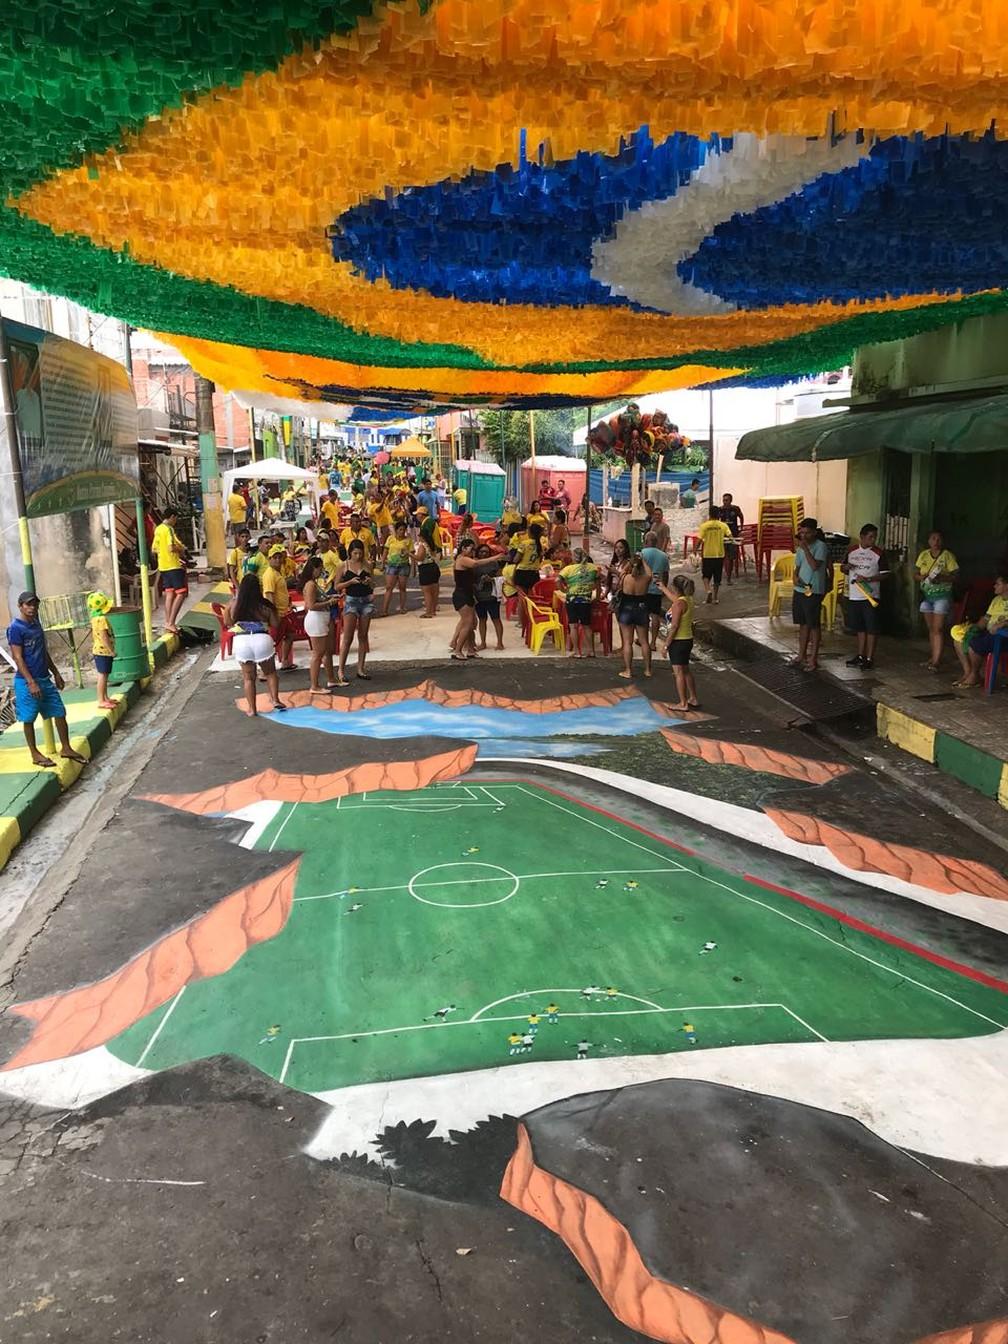 Para Copa Rua Em Manaus Ganha Pintura Realista De Campo De